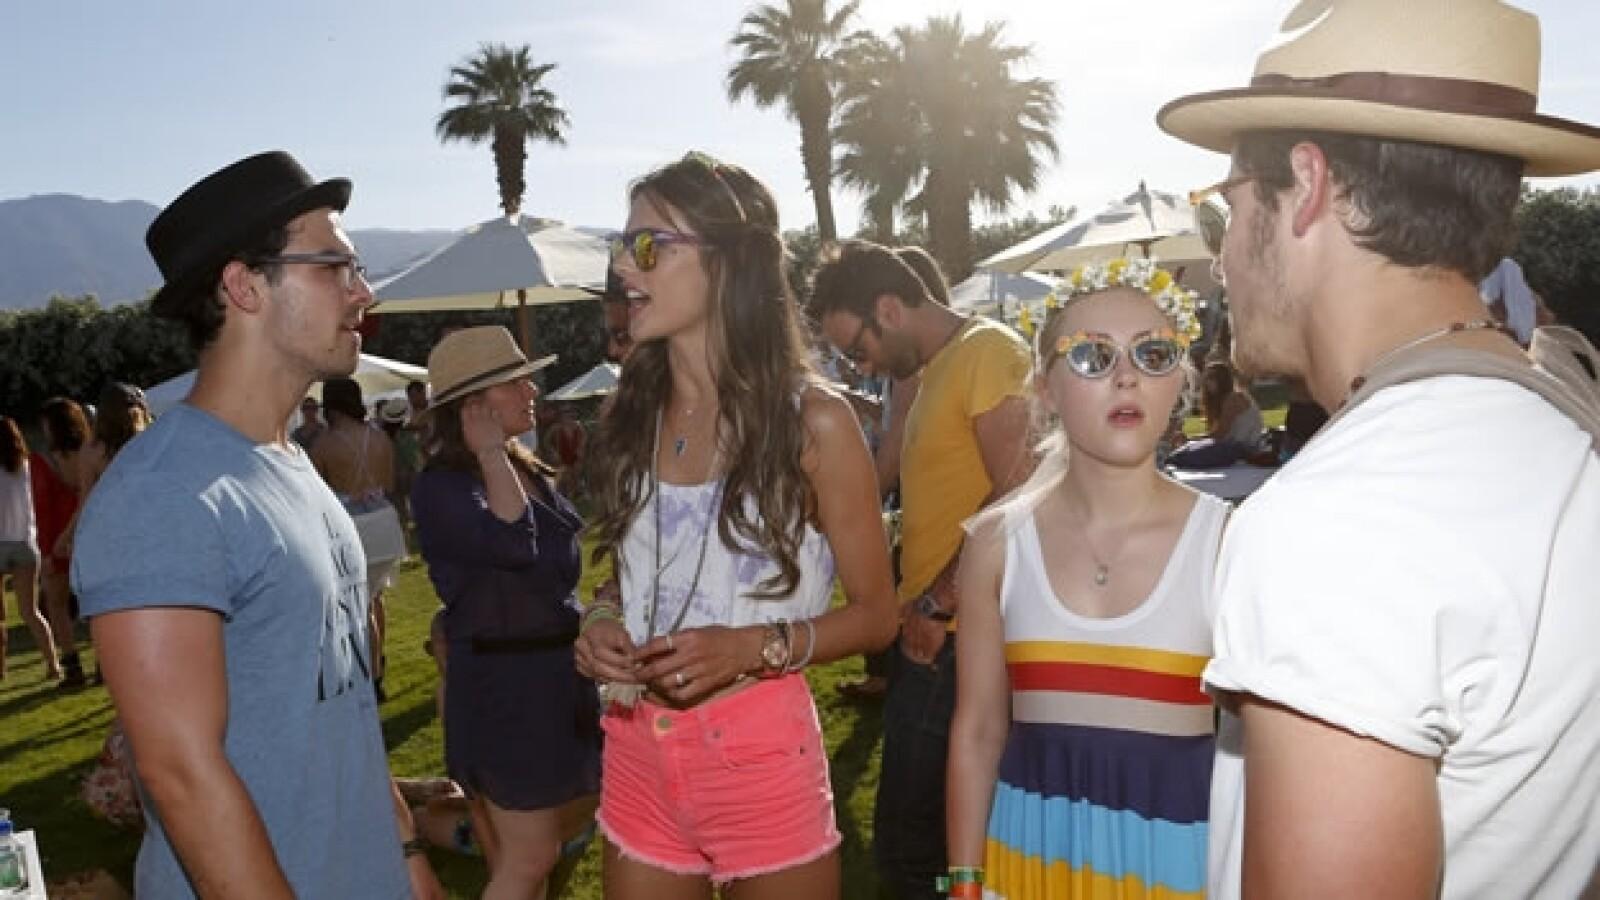 Festival de Musica y Artes de Coachella